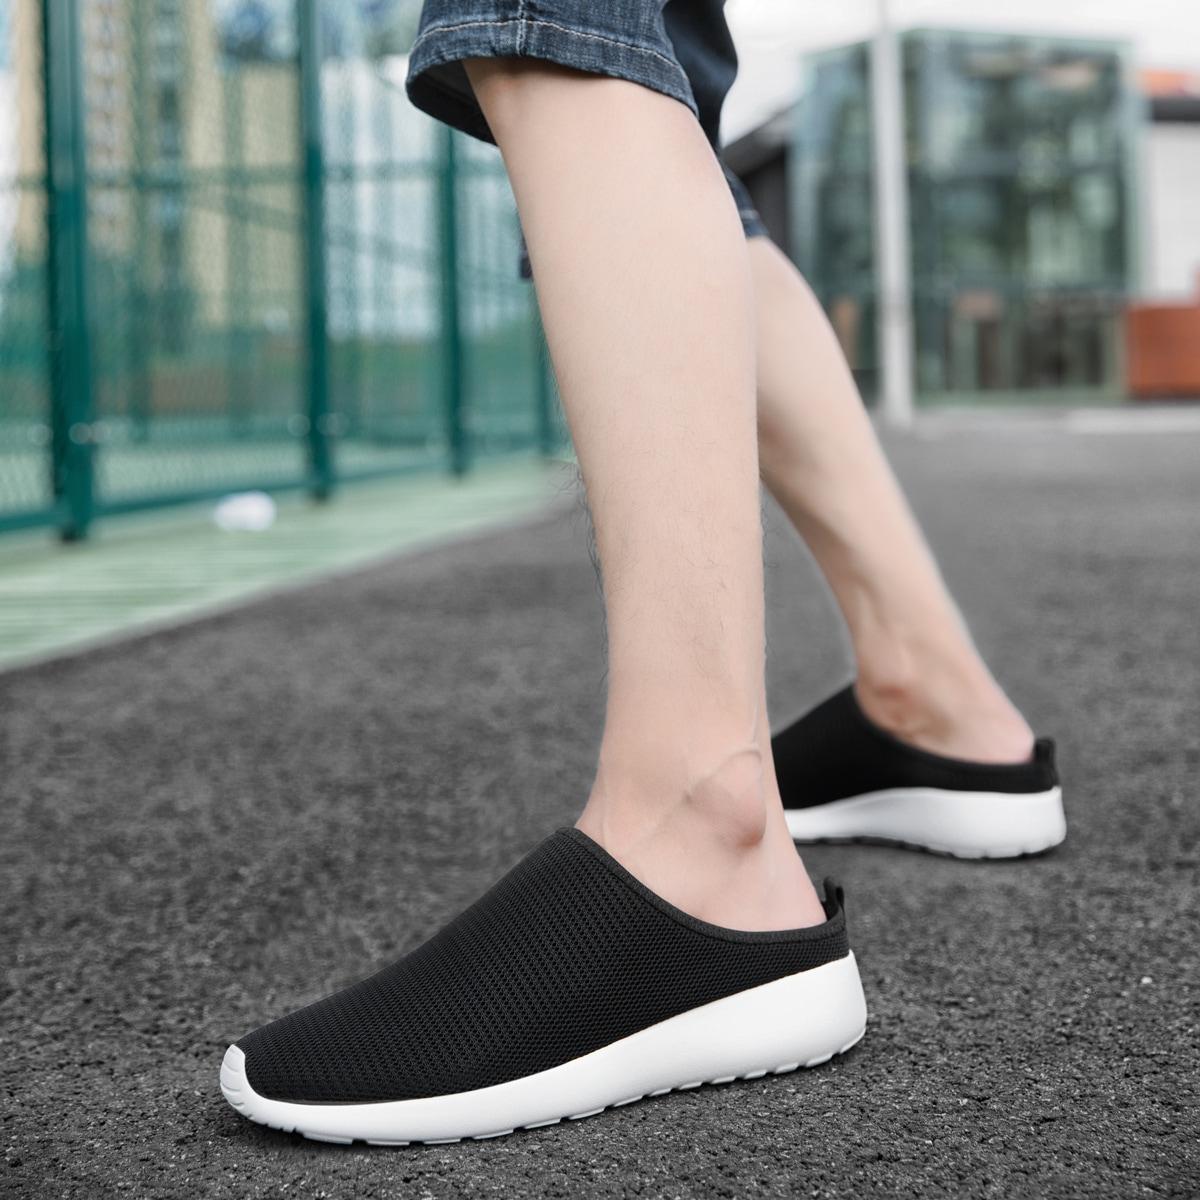 SHEIN Minimalistische instapsneakers voor heren